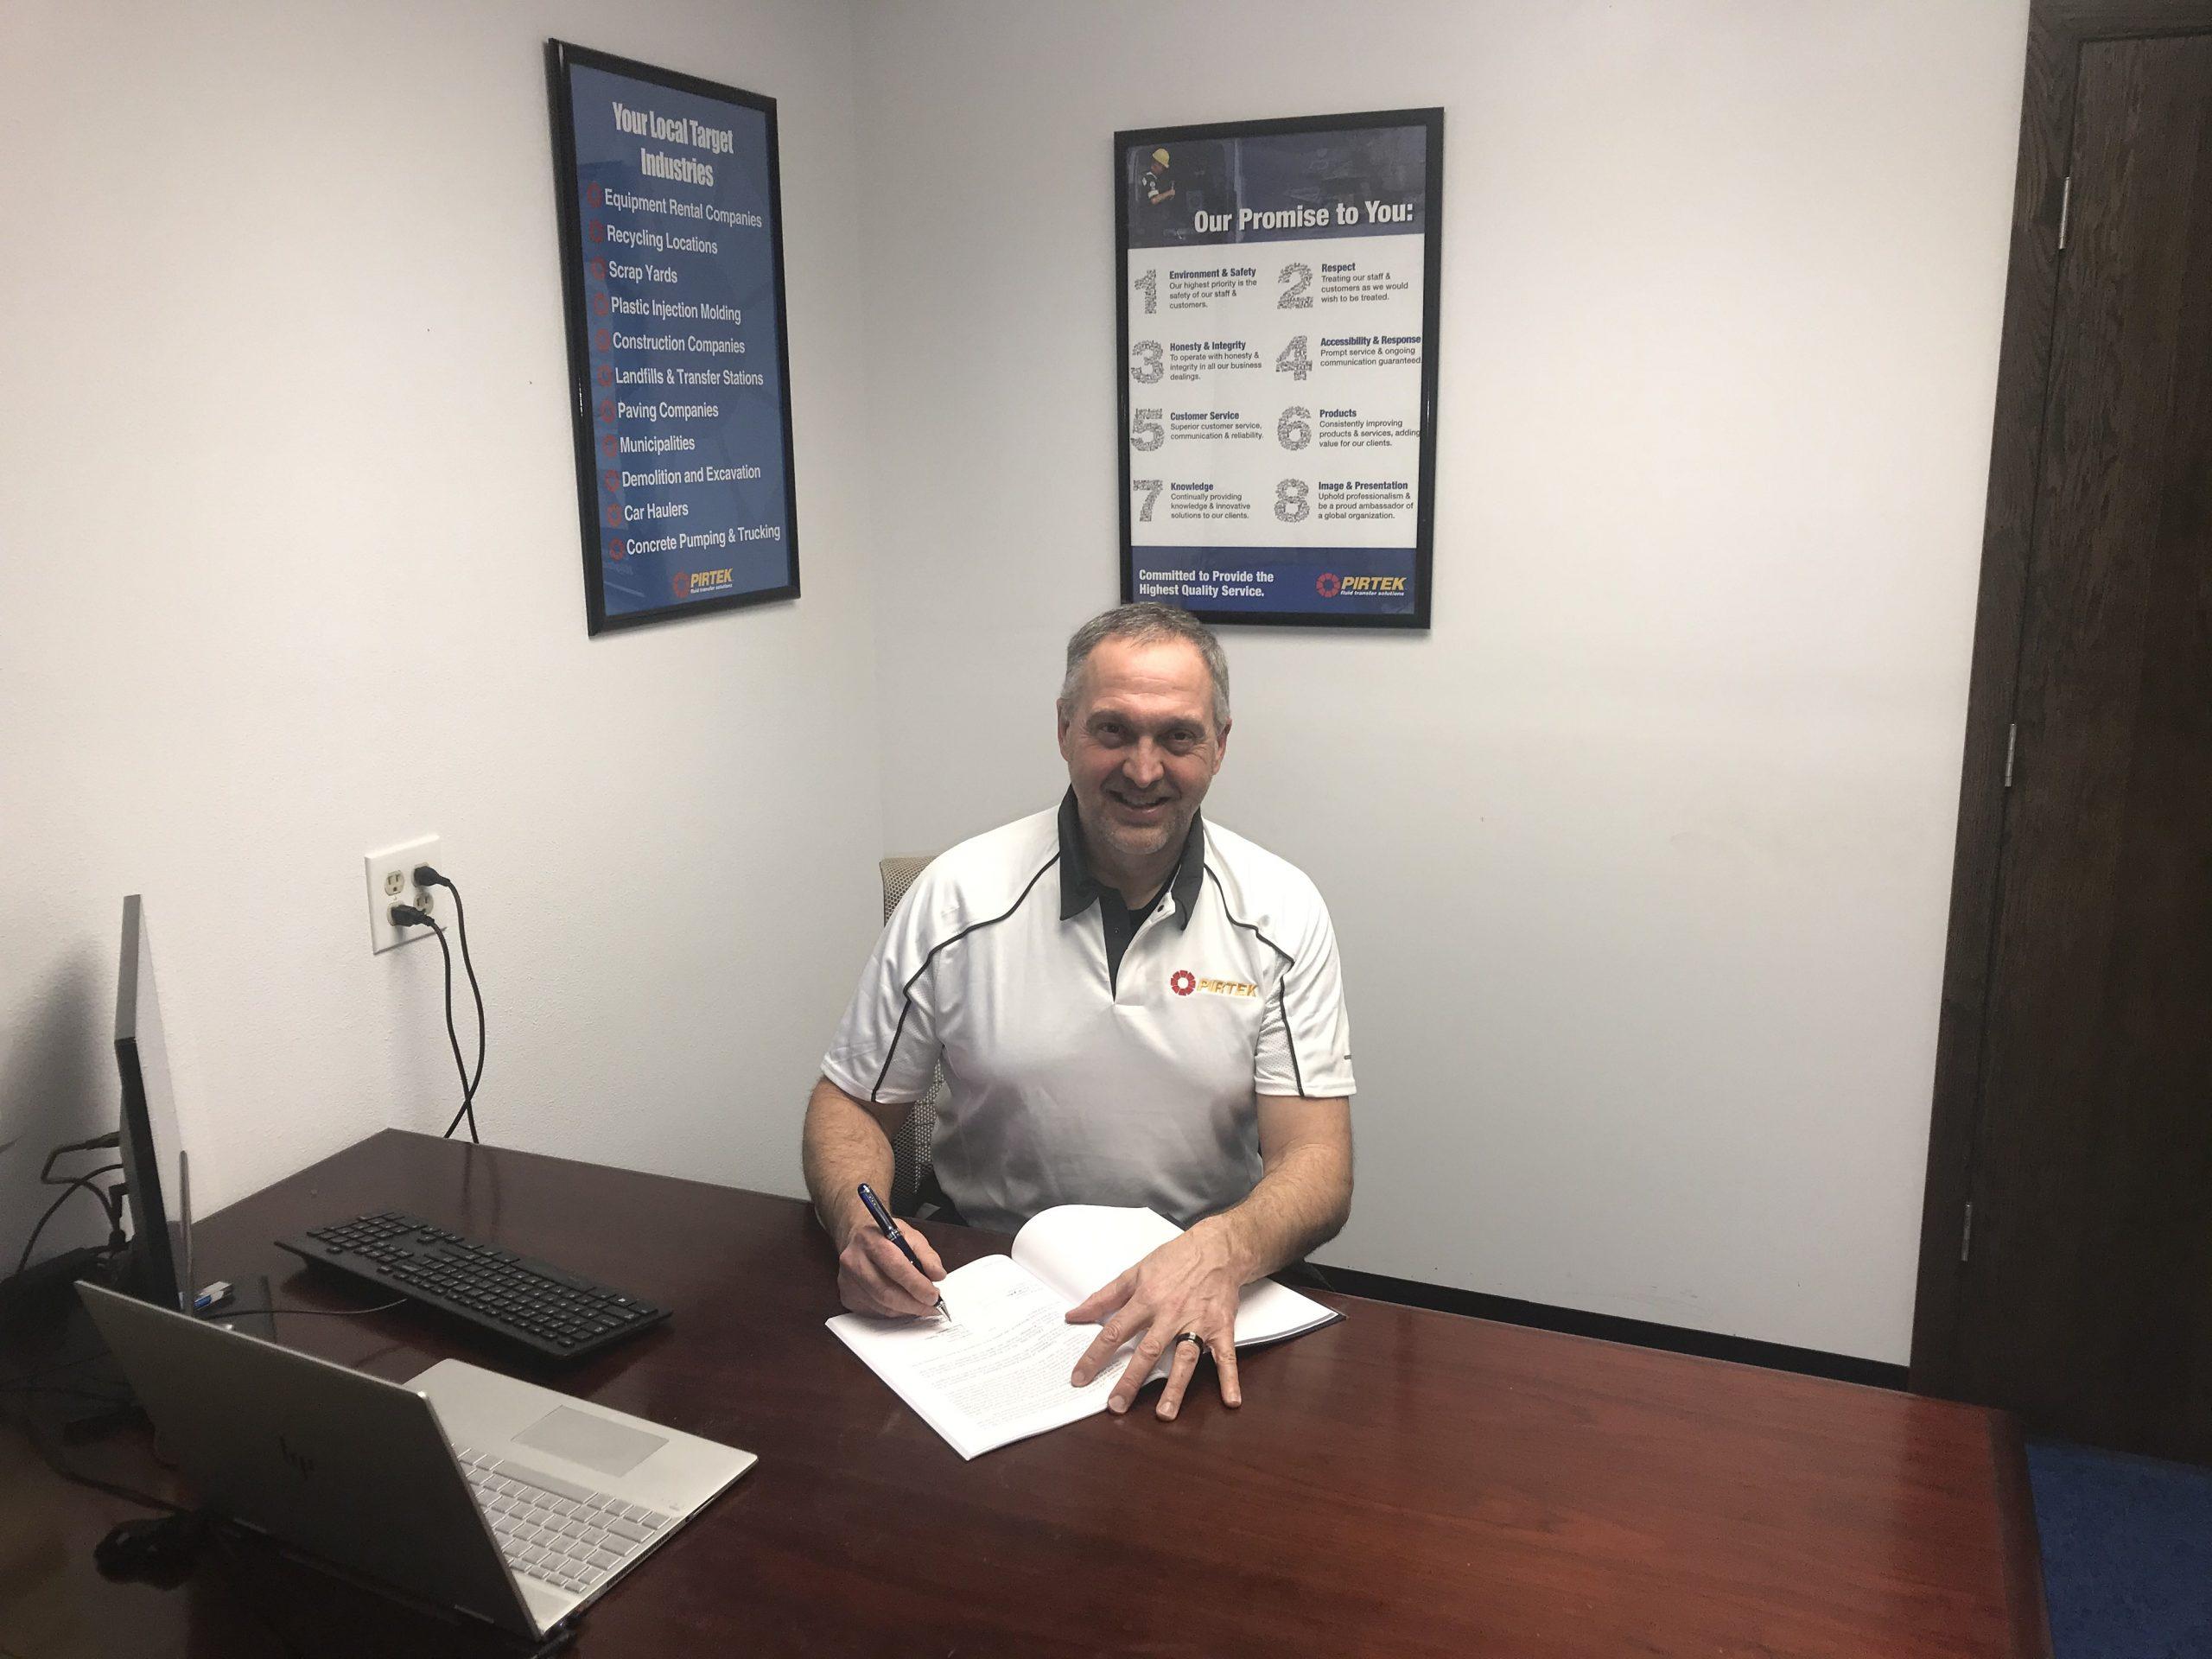 Tom Fechter signing 100th franchise agreement with PIRTEK USA